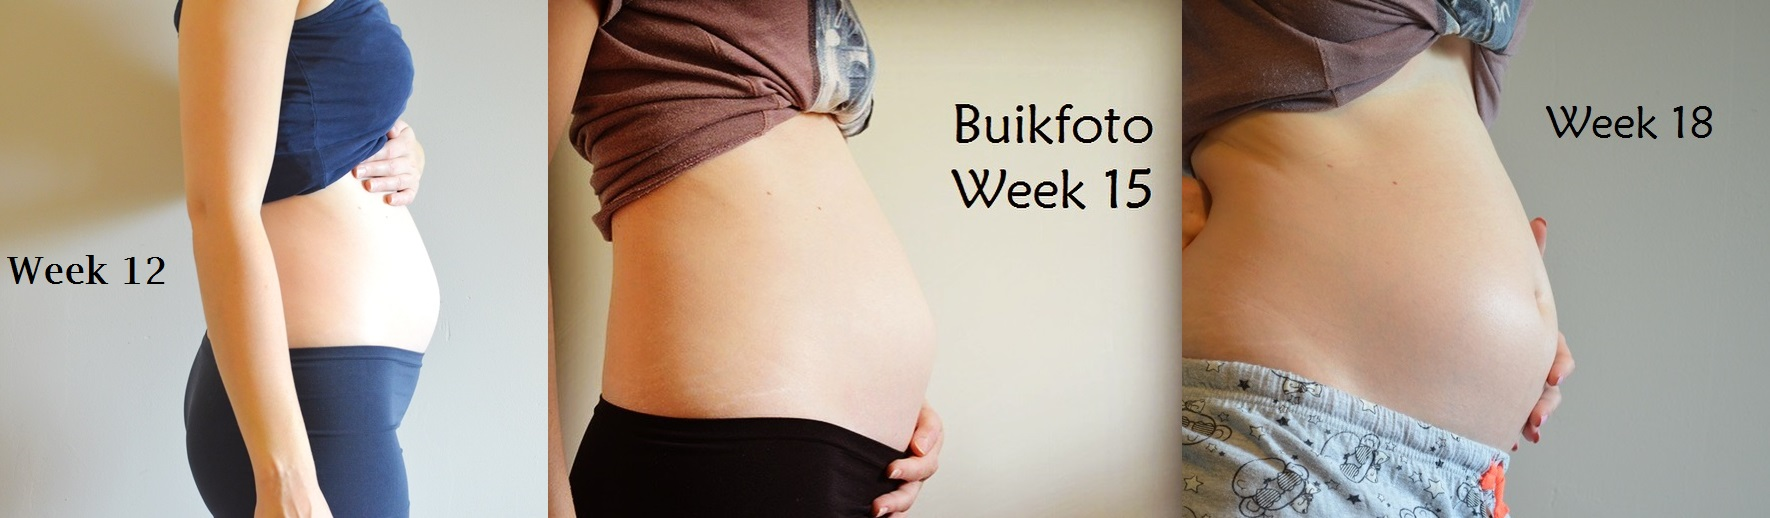 Evolutie Buik Elisejoanne.nl Week 12 tot en met 18 - De Evolutie van mijn Zwangere Buik van Week 4 - Week 37